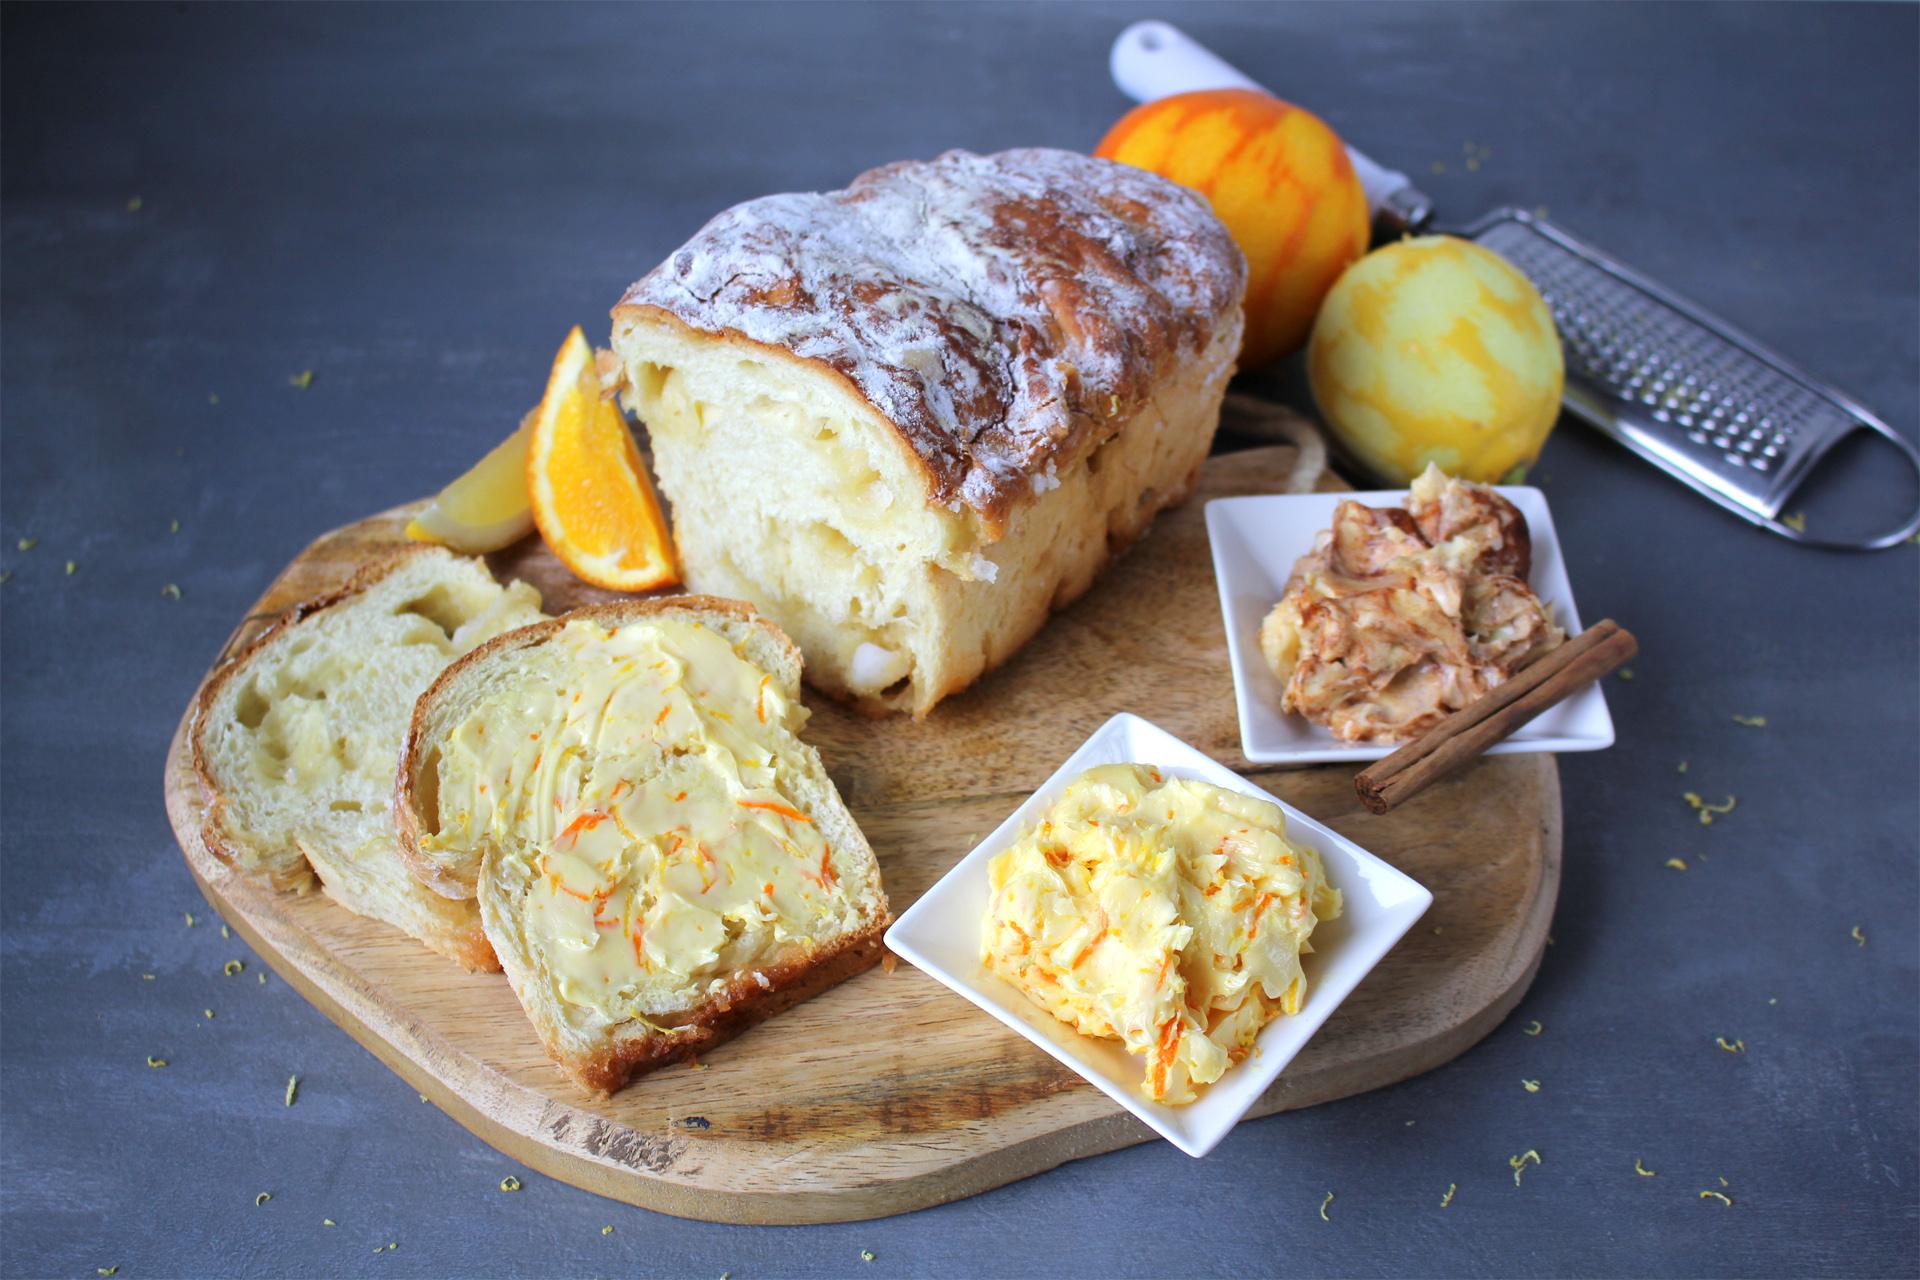 Bakker Klink suikerbrood met citrus en kaneel boter